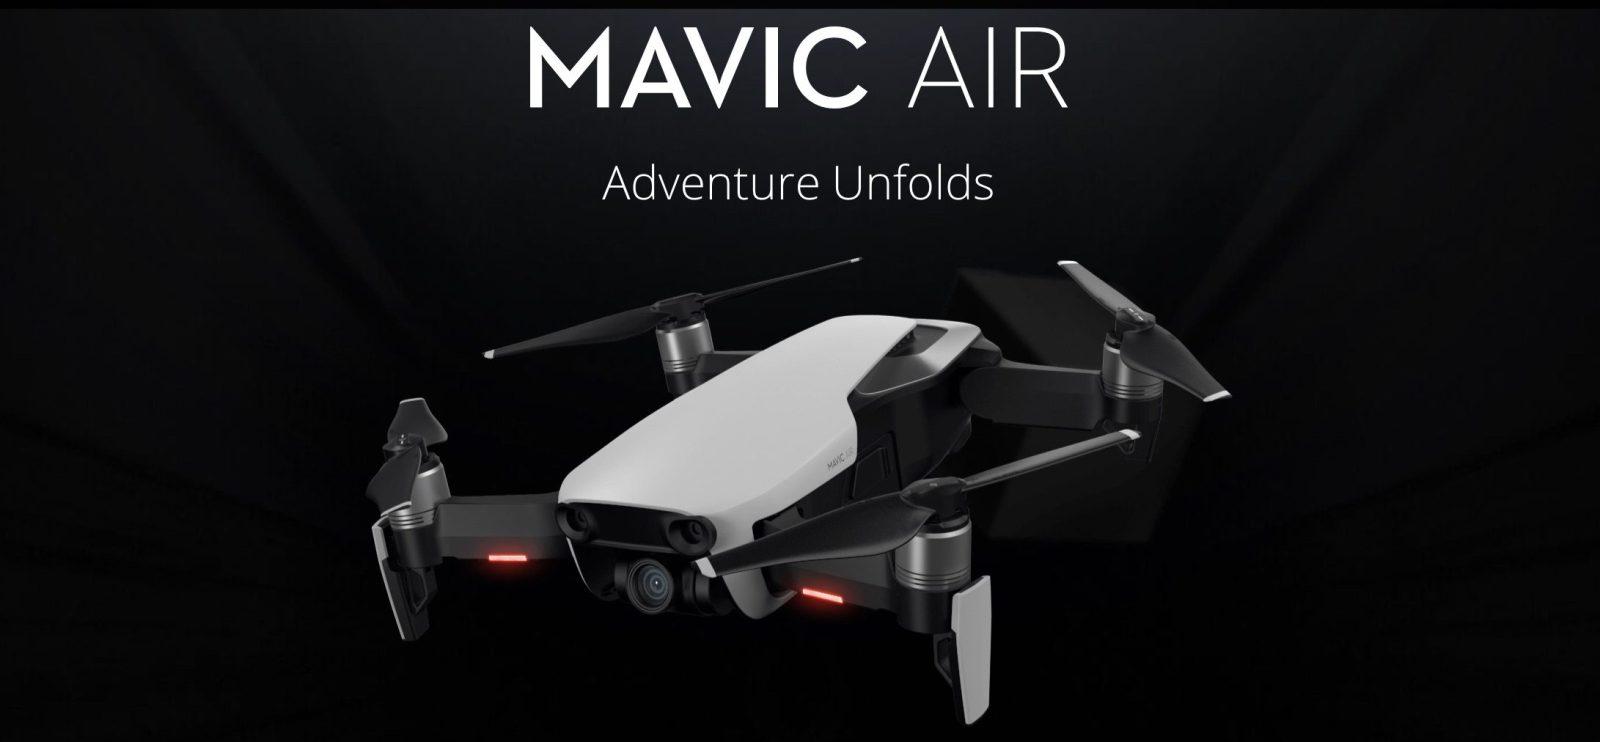 DJI Mavic Air: Máme pro vás speciální slevový kupon v hodnotě 2 000 Kč! [sponzorovaný článek]